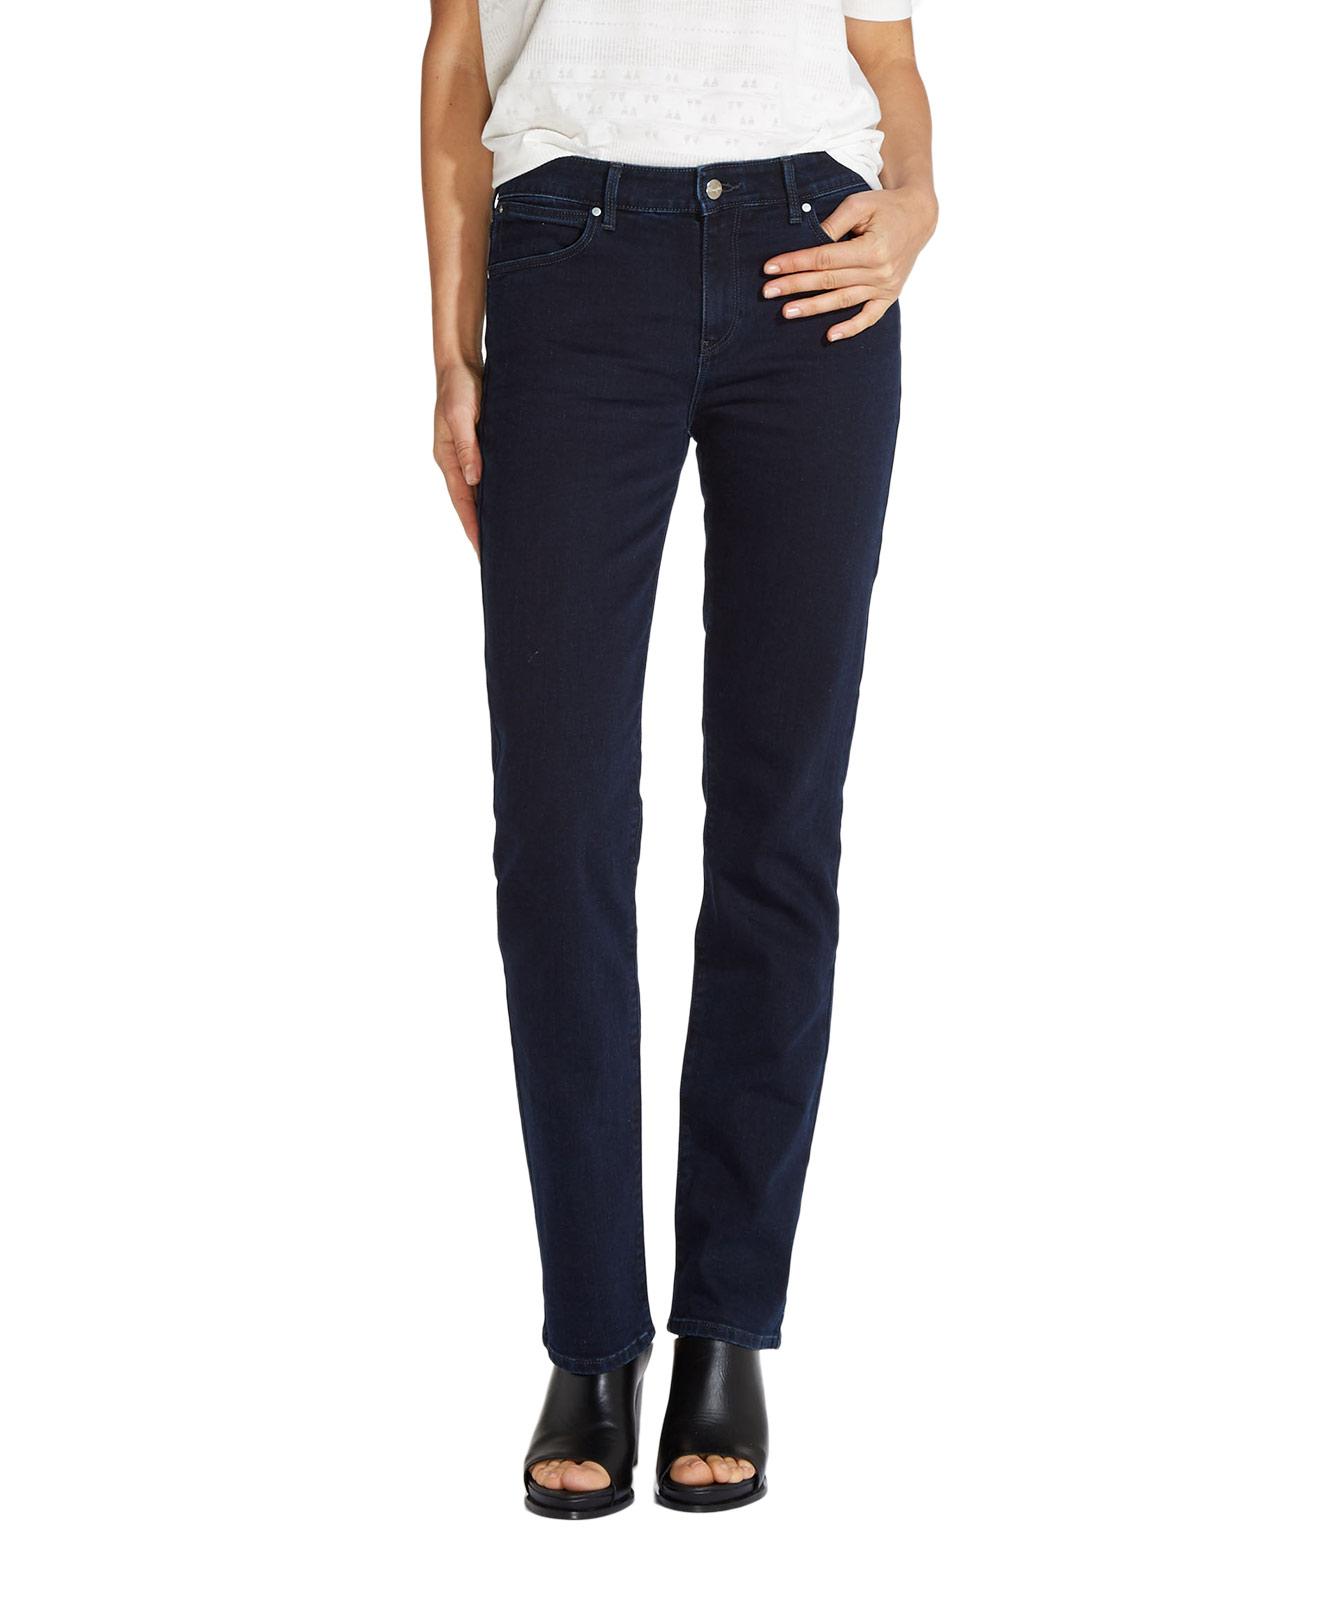 Hosen für Frauen - WRANGLER STRAIGHT Jeans Body Bespoke Blue Black  - Onlineshop Jeans Meile